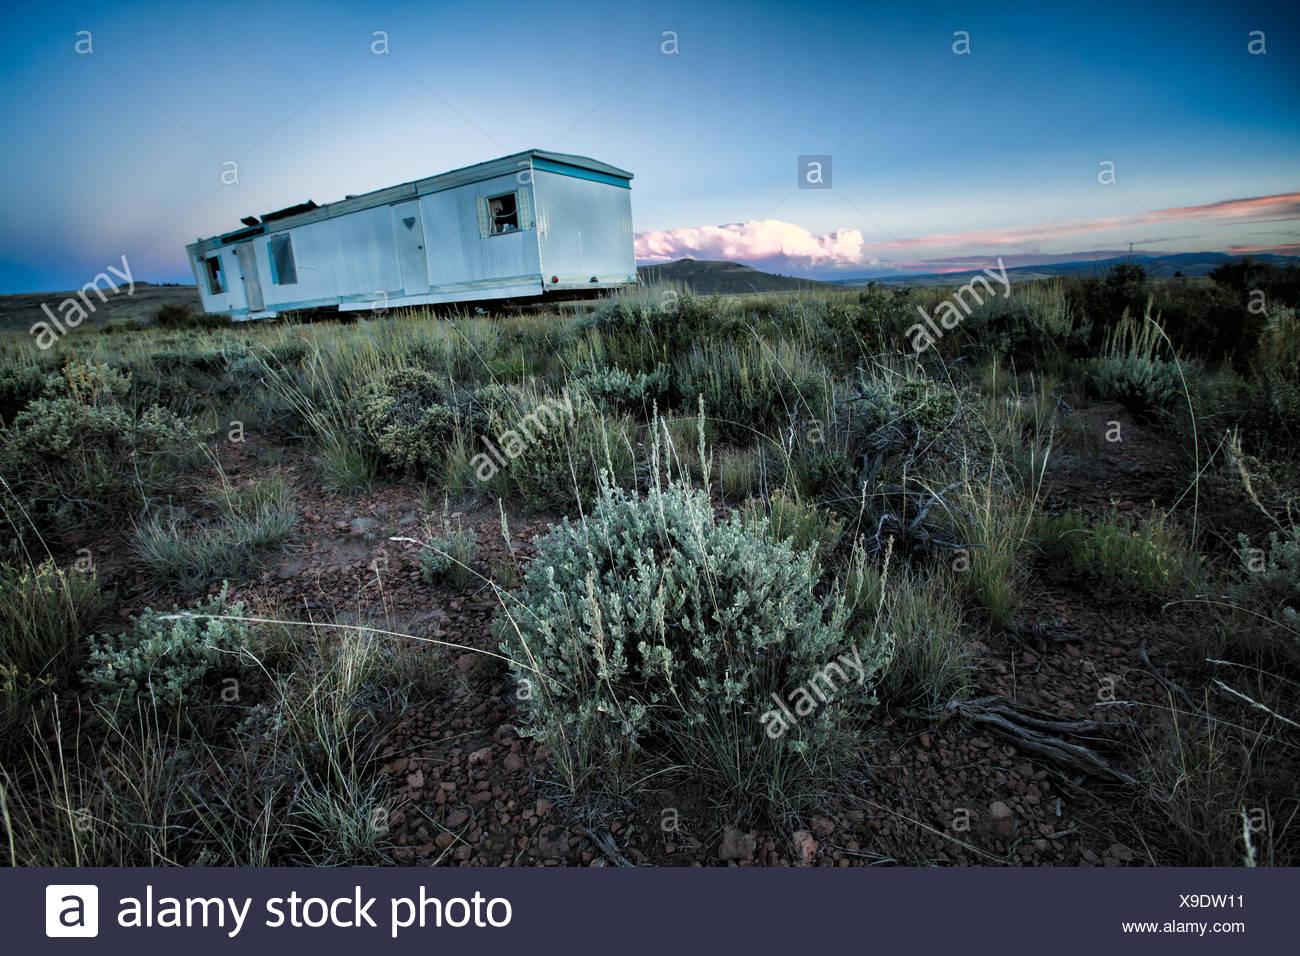 Abbandonato casa mobile nel campo remoto Immagini Stock